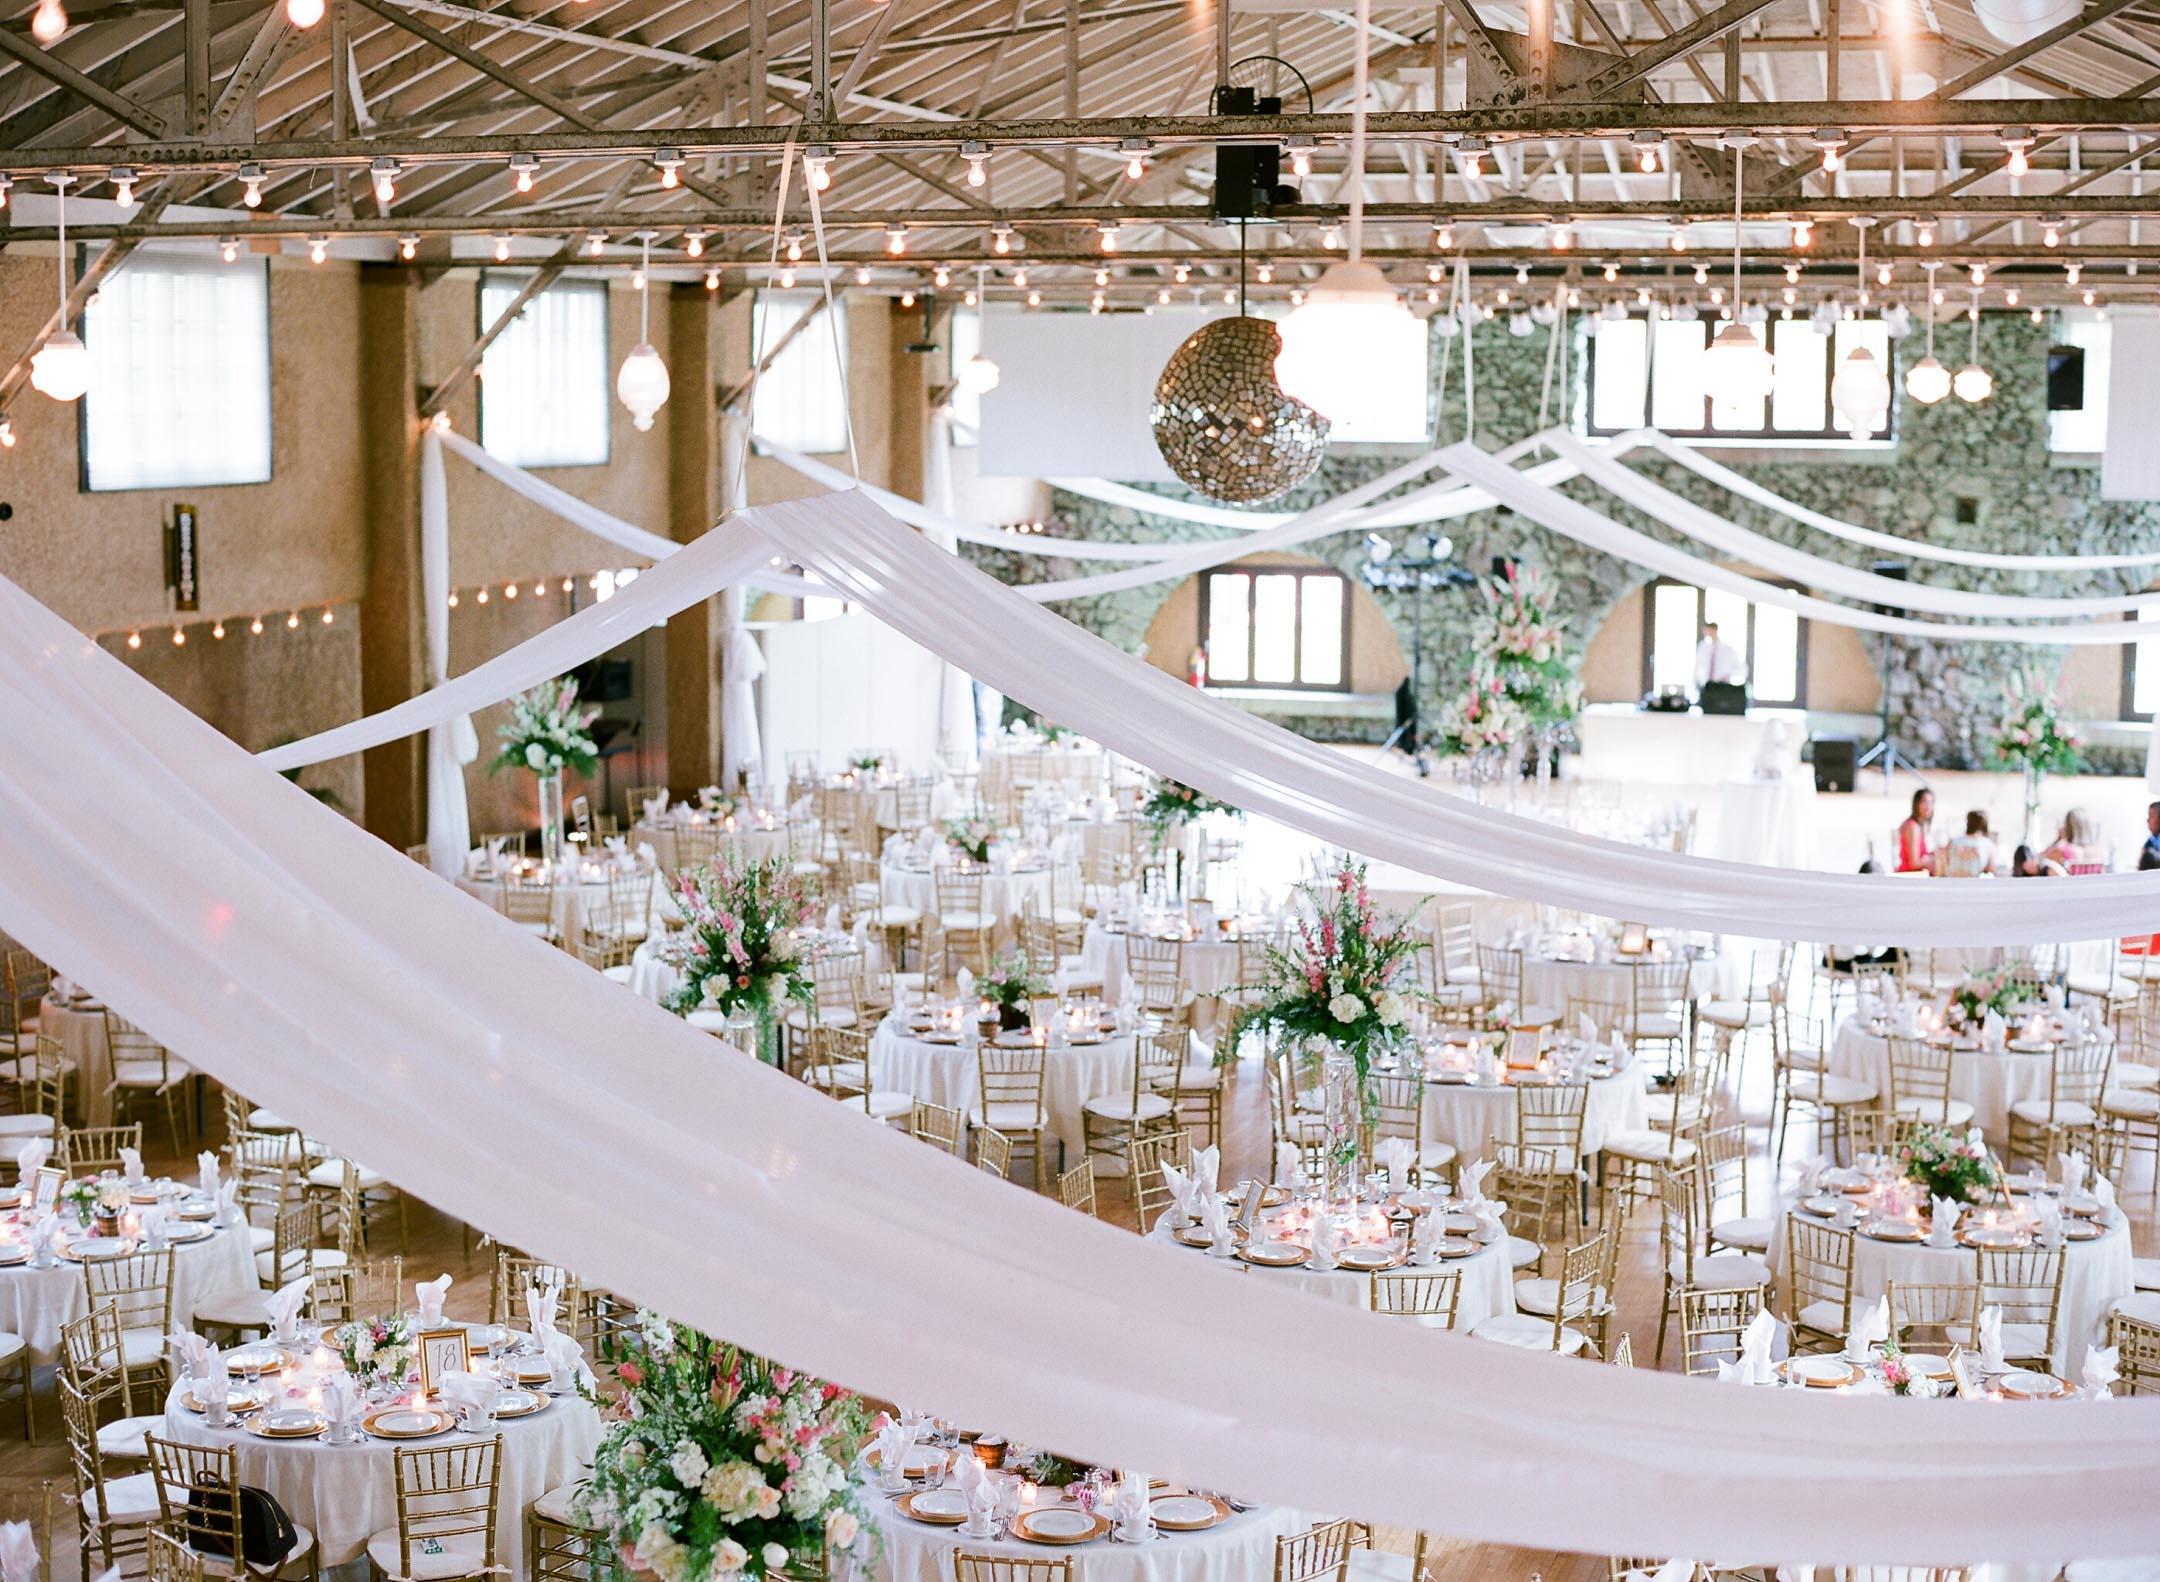 Ellie & Andrew - Rothschild Pavilion, Wausau Wisconsin Wedding